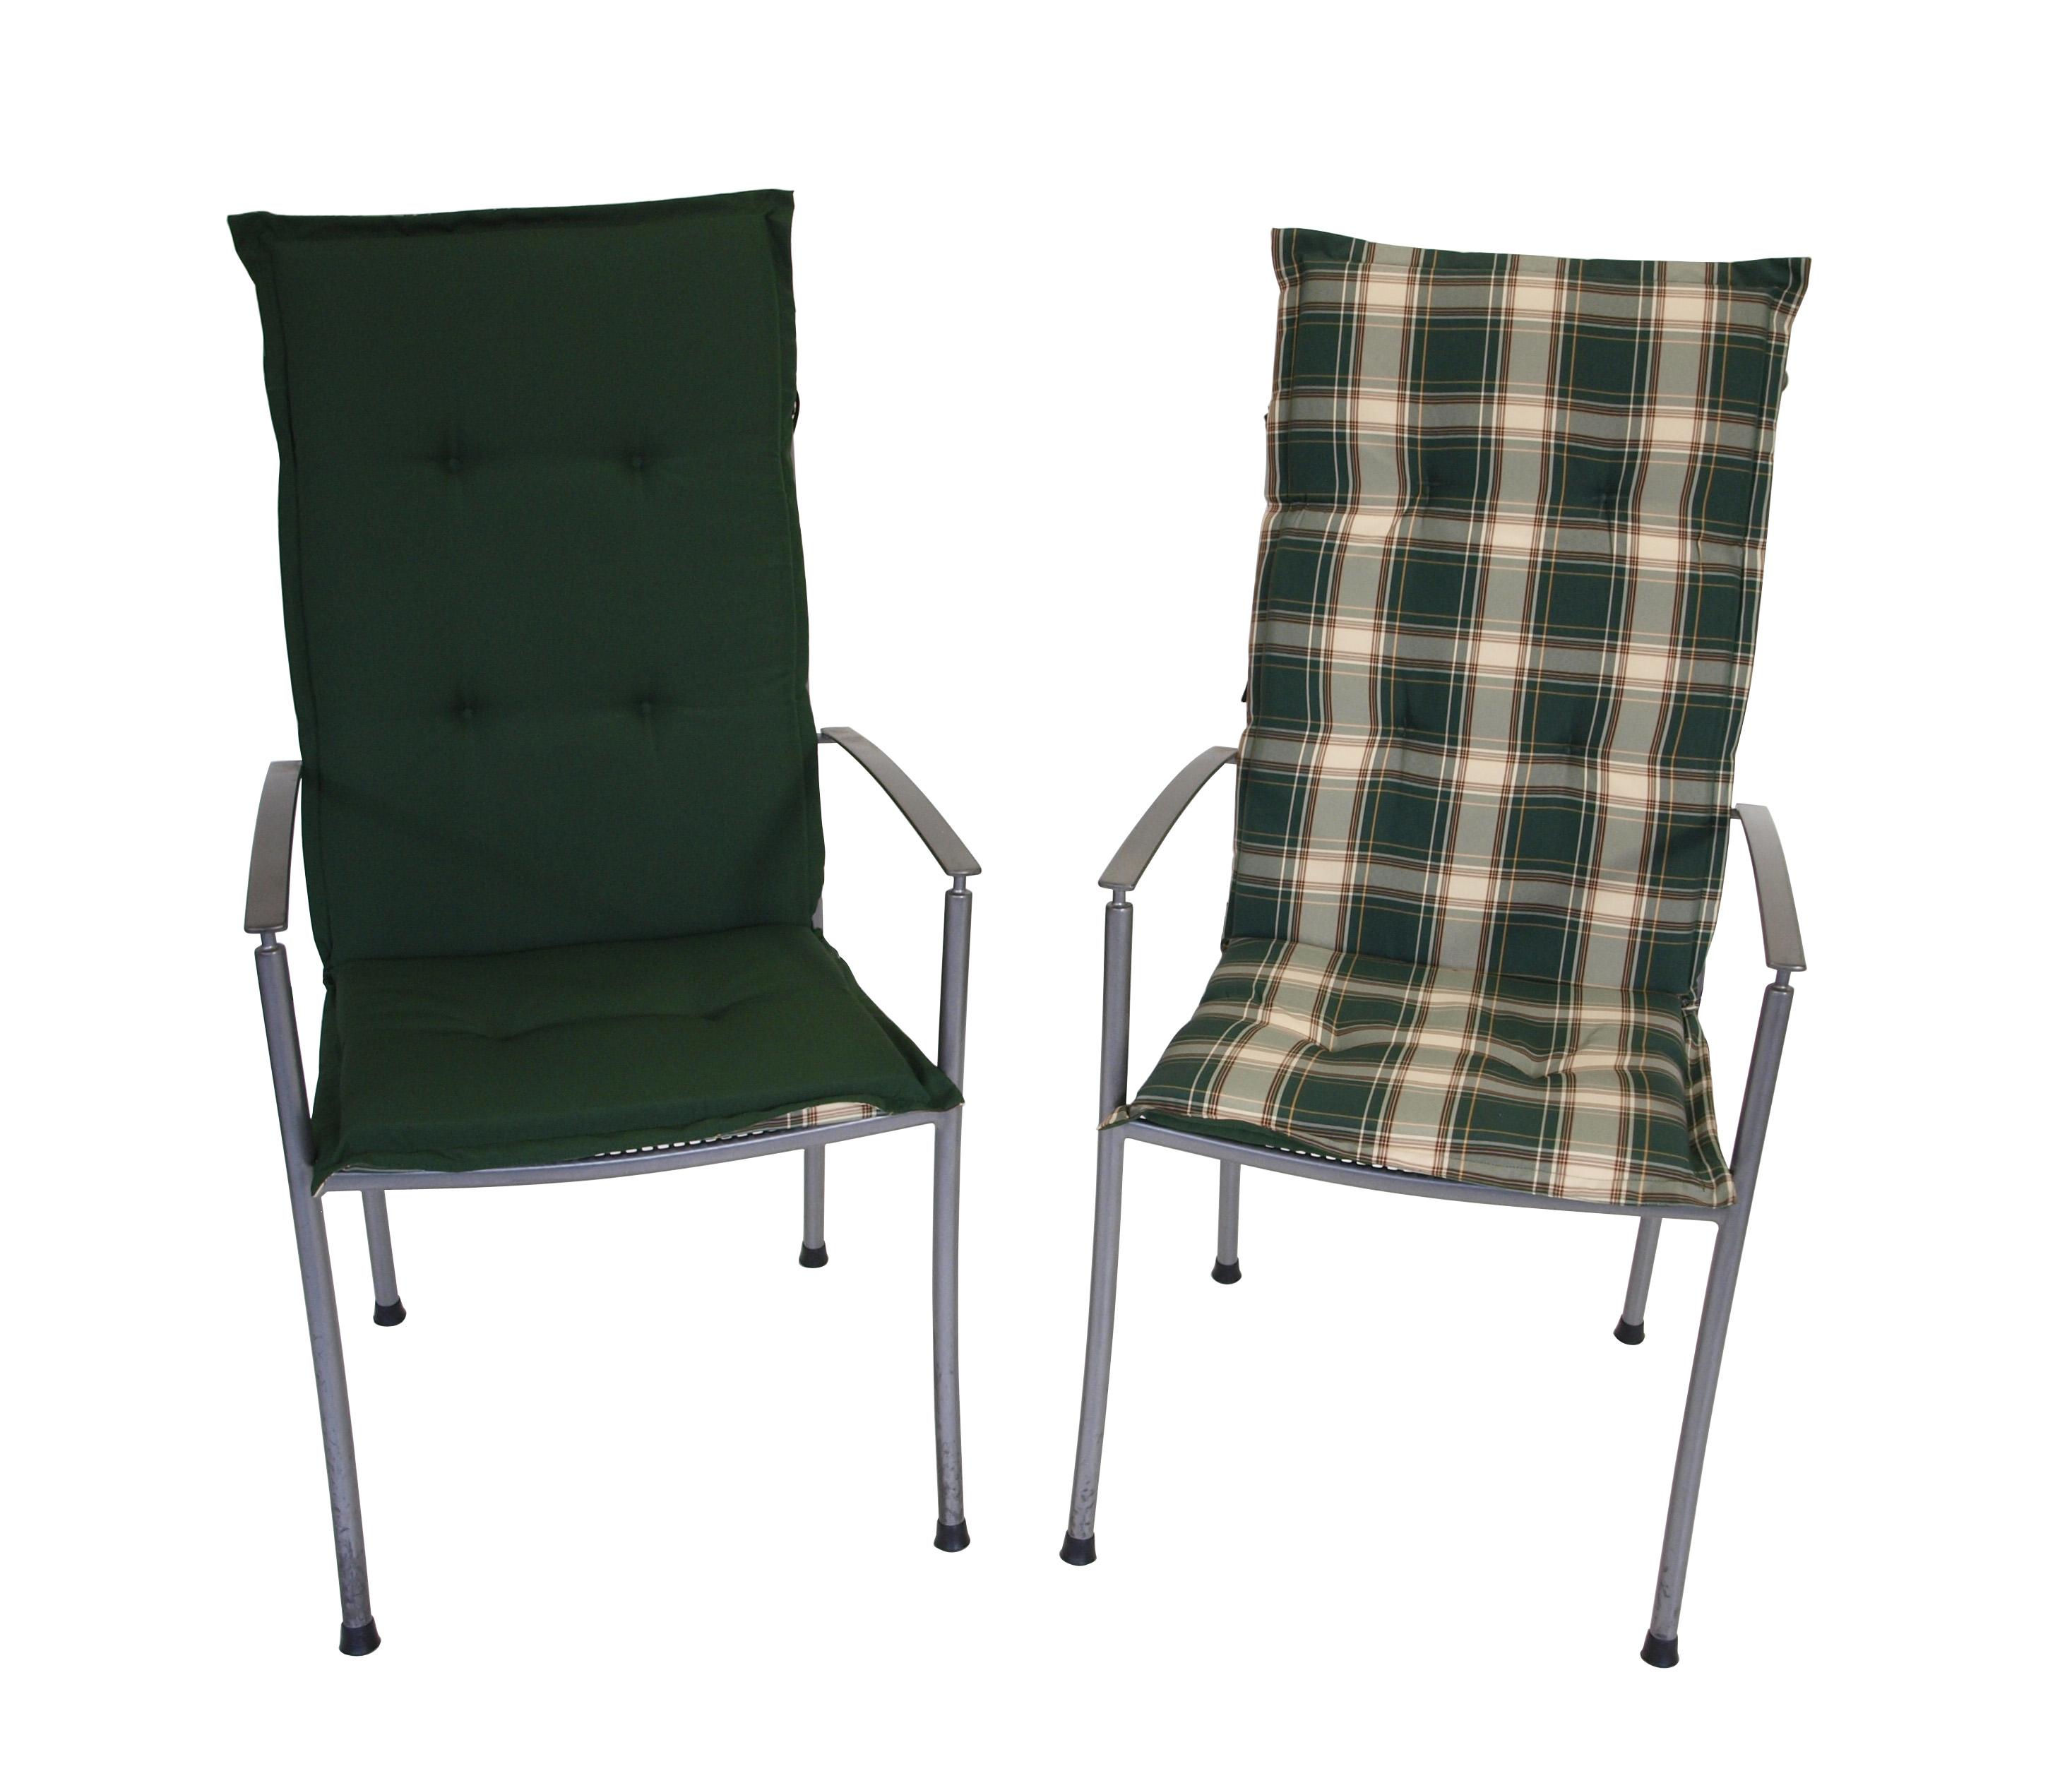 wendeauflage polsterauflage hochlehnerauflage auflage montreal gr n gr n kariert ebay. Black Bedroom Furniture Sets. Home Design Ideas